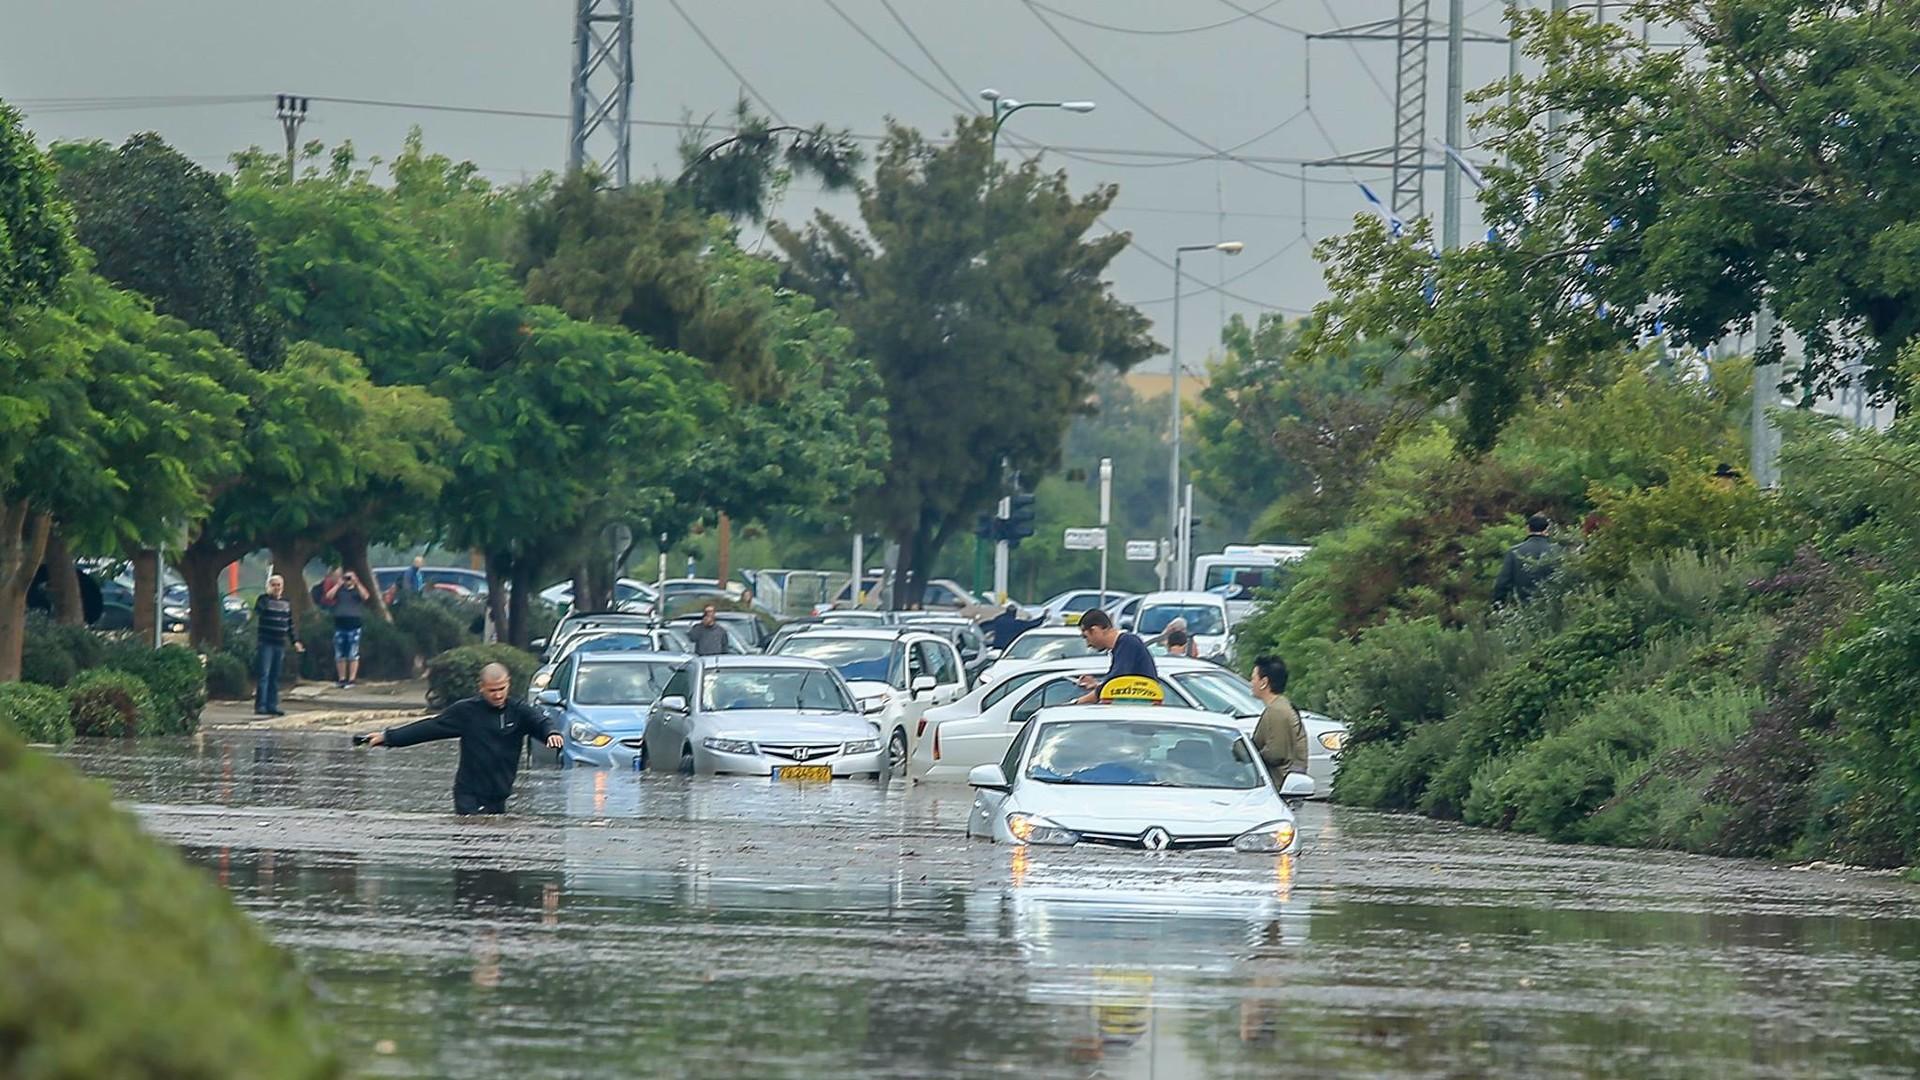 Сильные наводнения обрушились на Израиль после одного из самых дождливых дней в истории страны  - фото 4